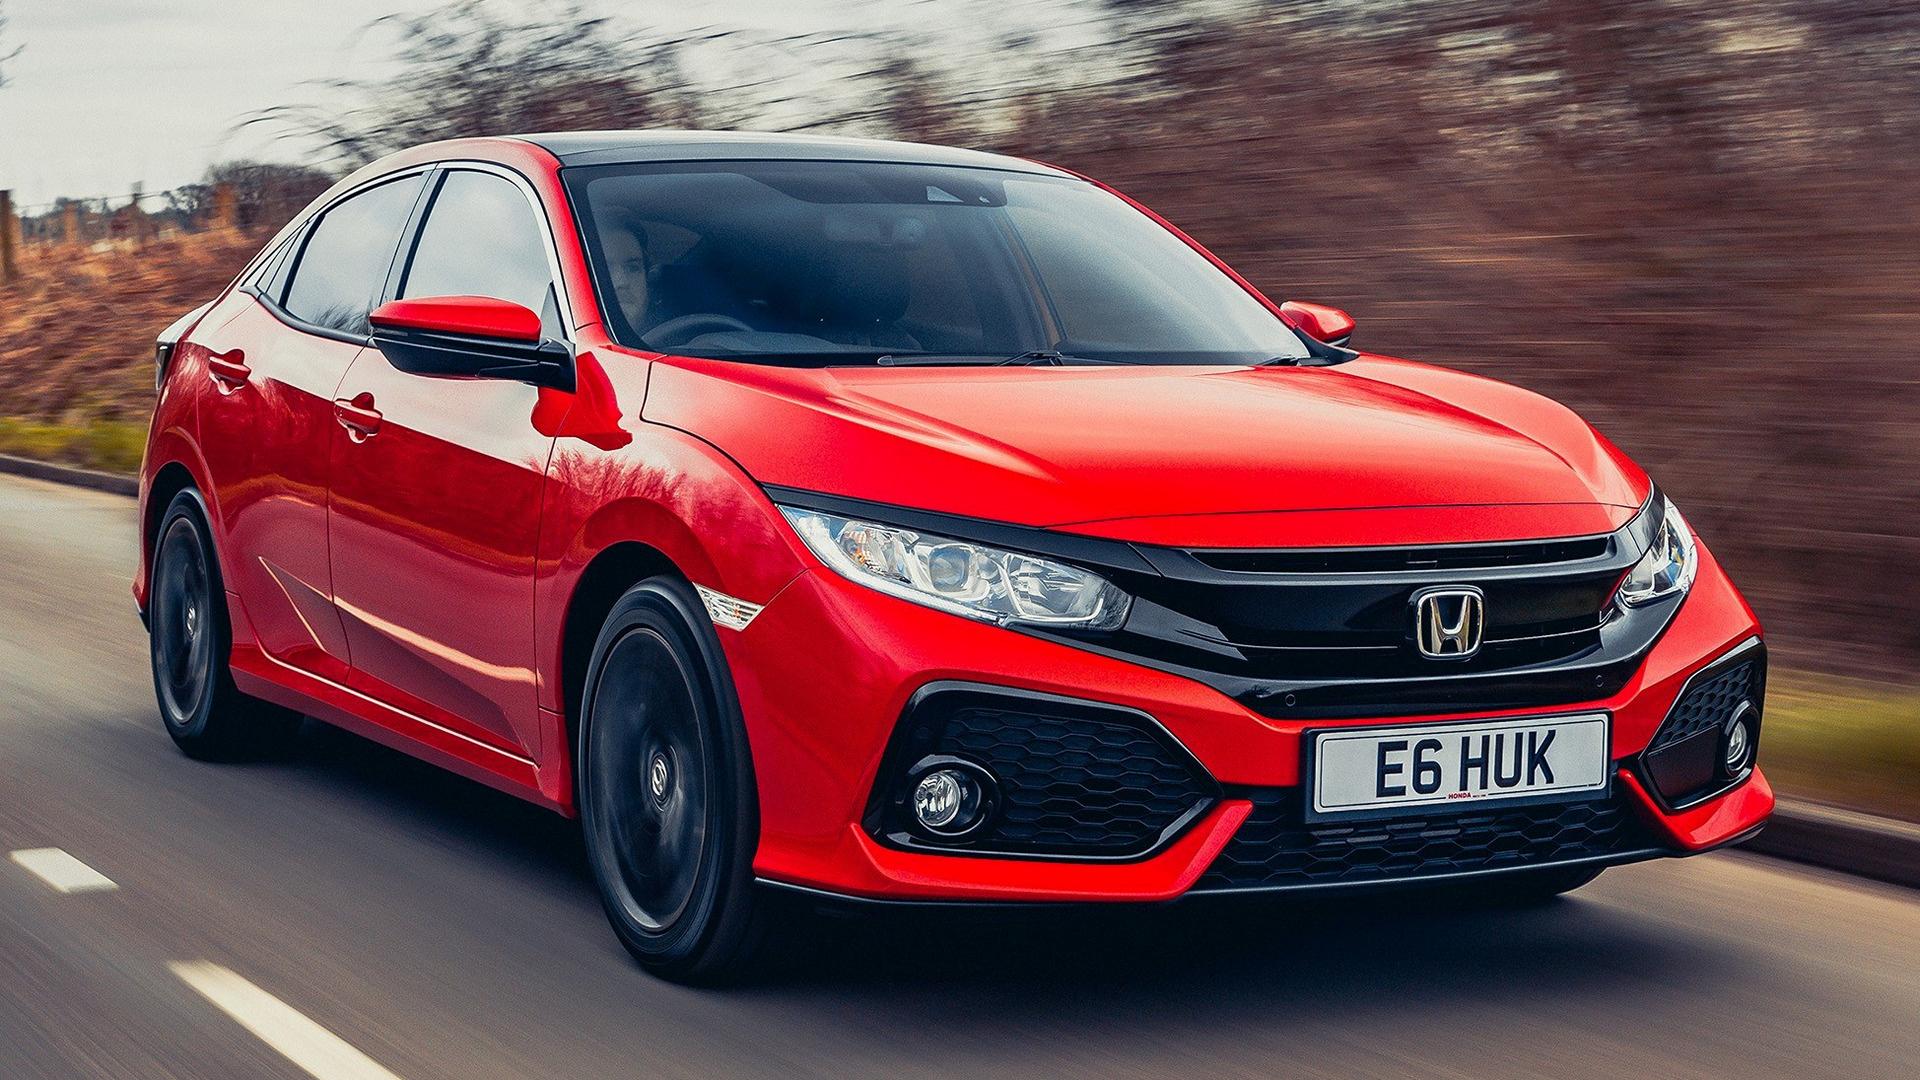 2017 Honda Civic (UK) - Wallpapers and HD Images | Car Pixel